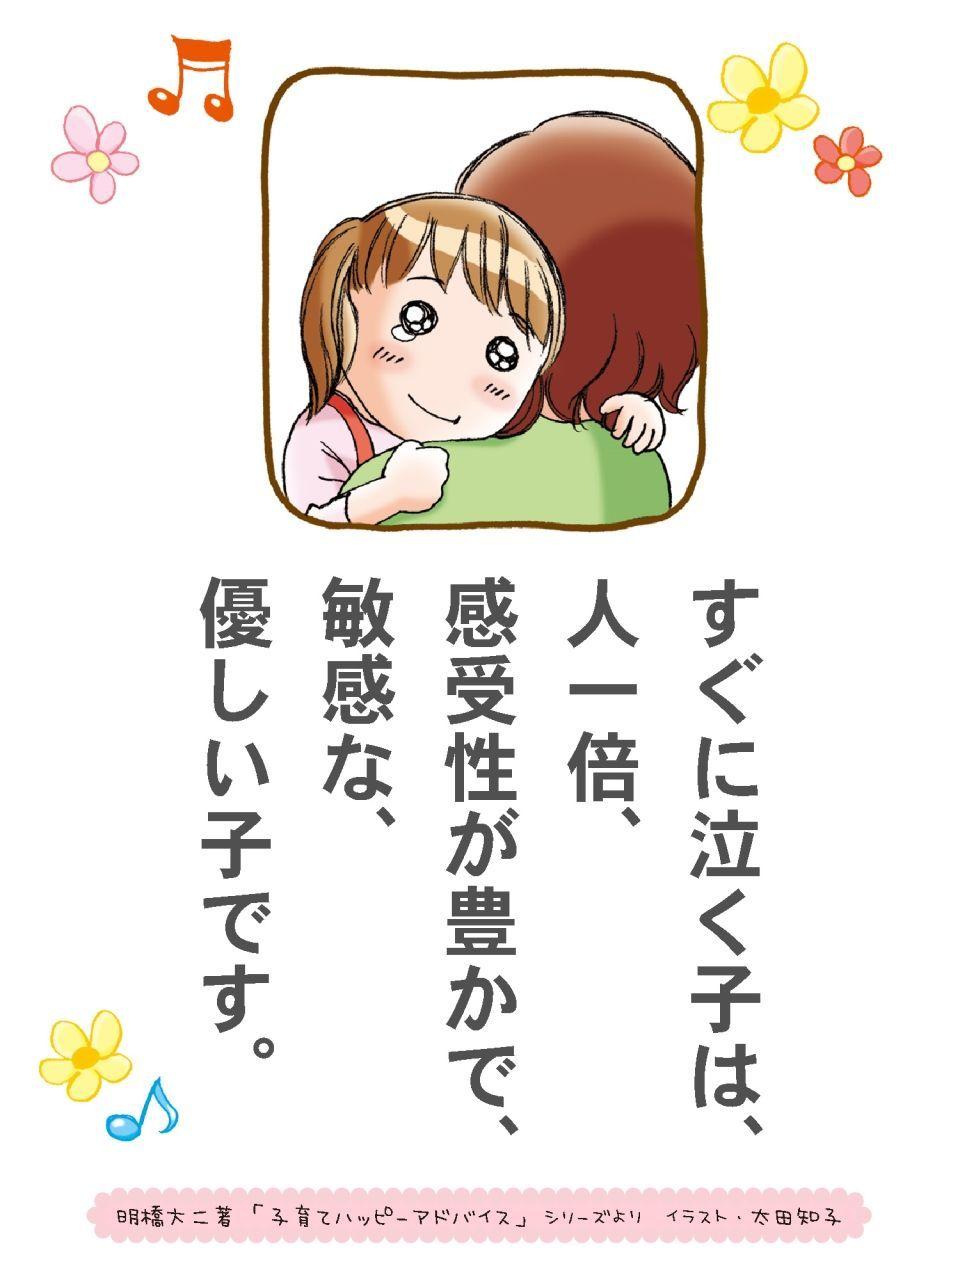 本当に役立つ画像集 おしゃれまとめの人気アイデア pinterest yumekanau2 育児本 いい言葉 言の葉